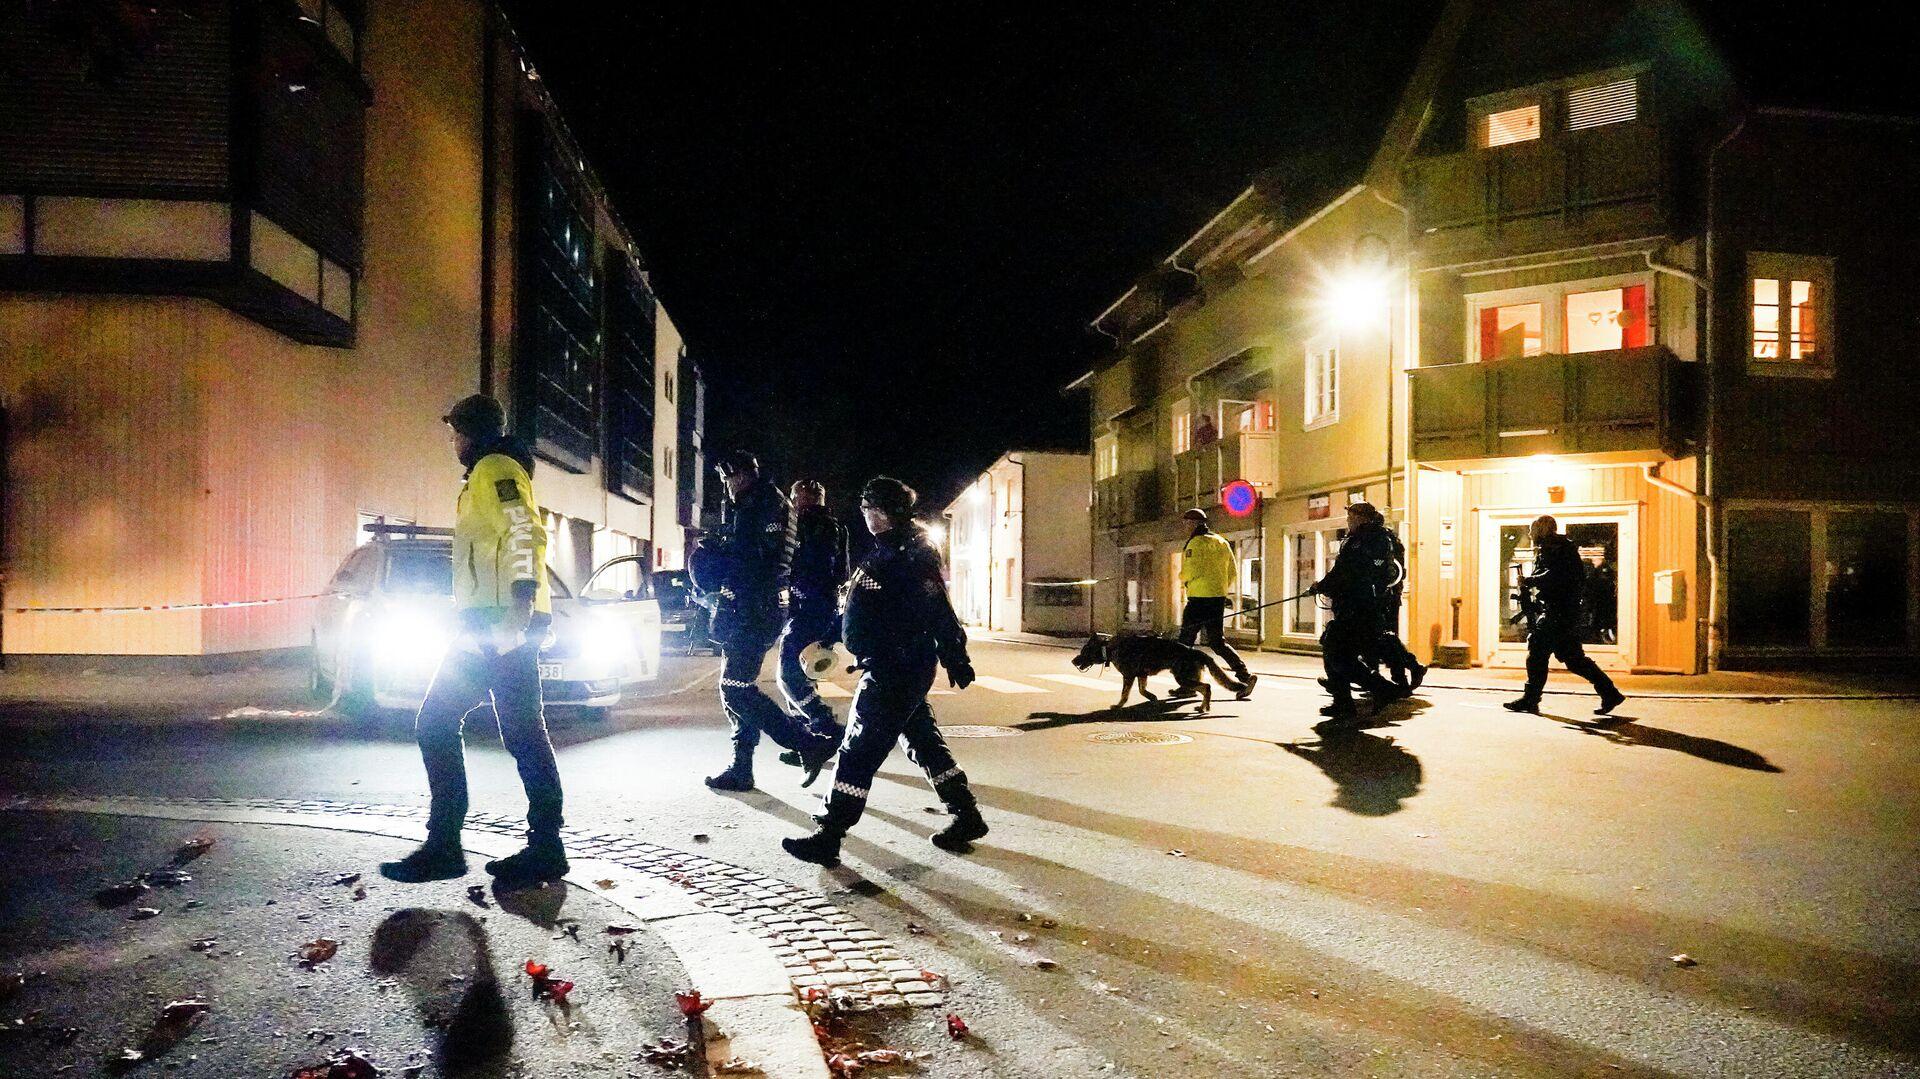 Des policiers à Kongsberg après l'attaque à l'arc survenu le 13 octobre 2021 - Sputnik France, 1920, 14.10.2021